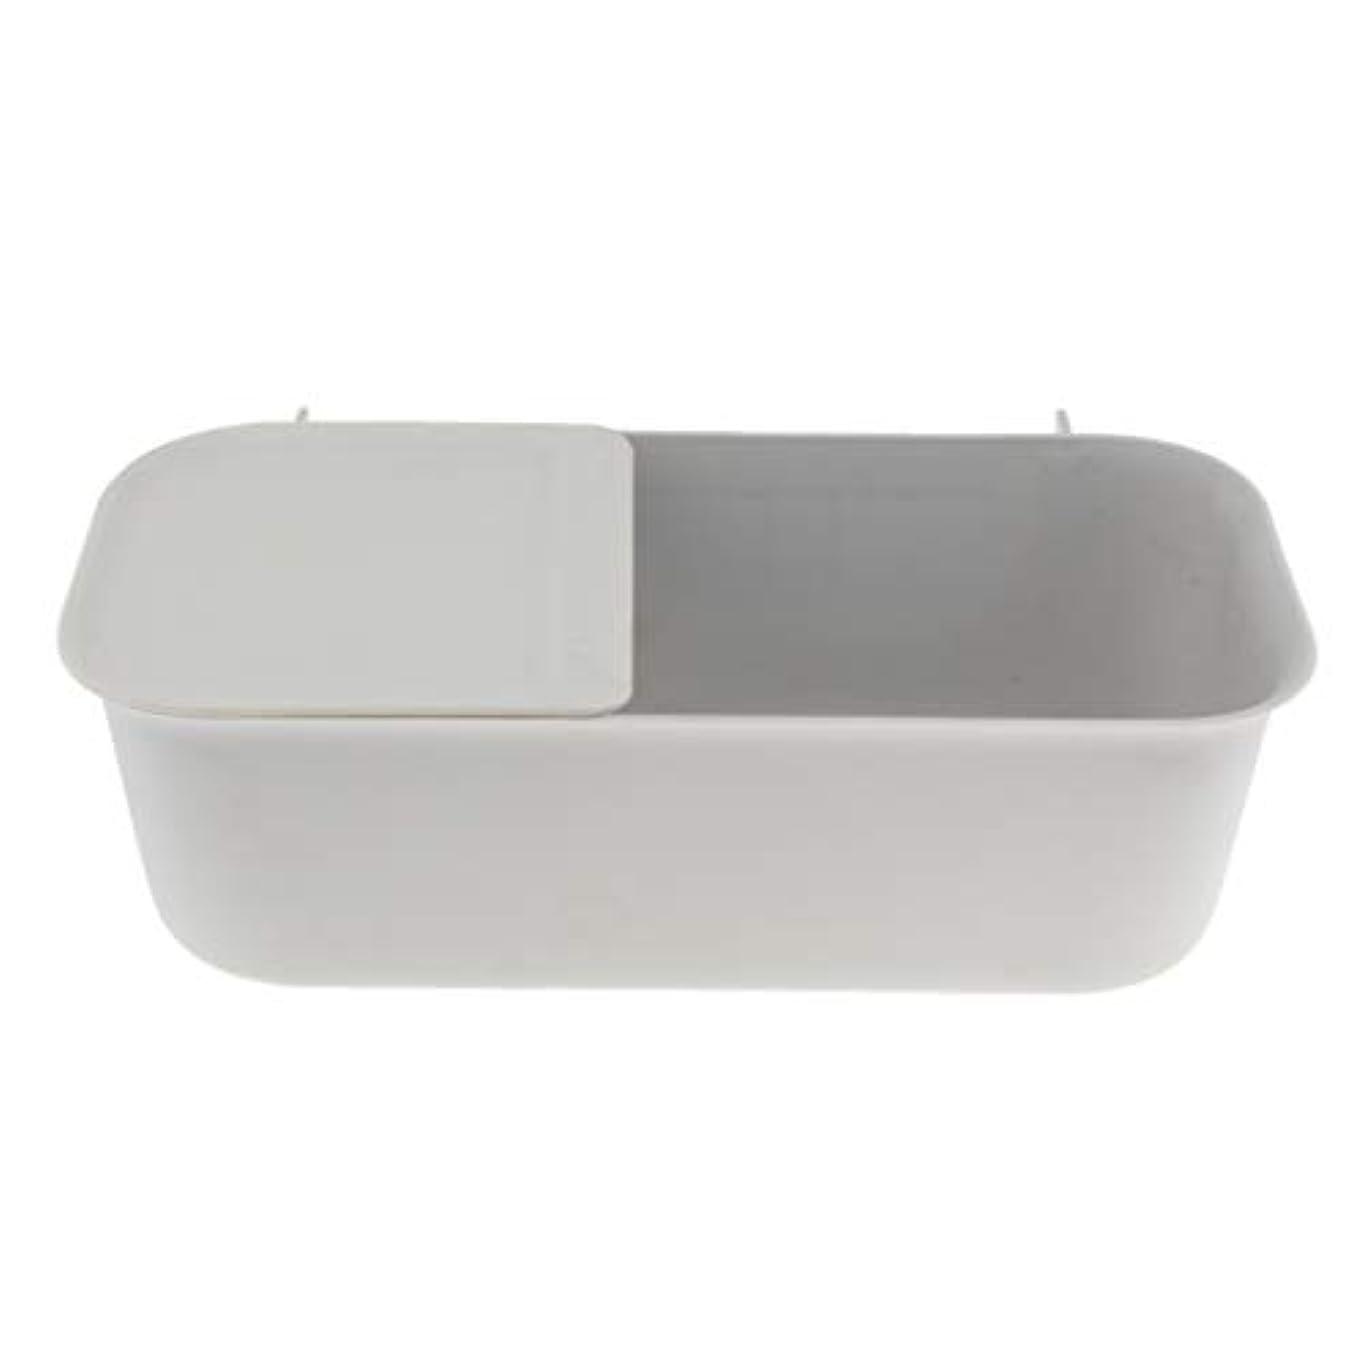 排除人種変更可能Perfeclan バスルーム ストレージラック 壁取り付け式 フリー パンチ 収納ラック 4色選べ - グレー